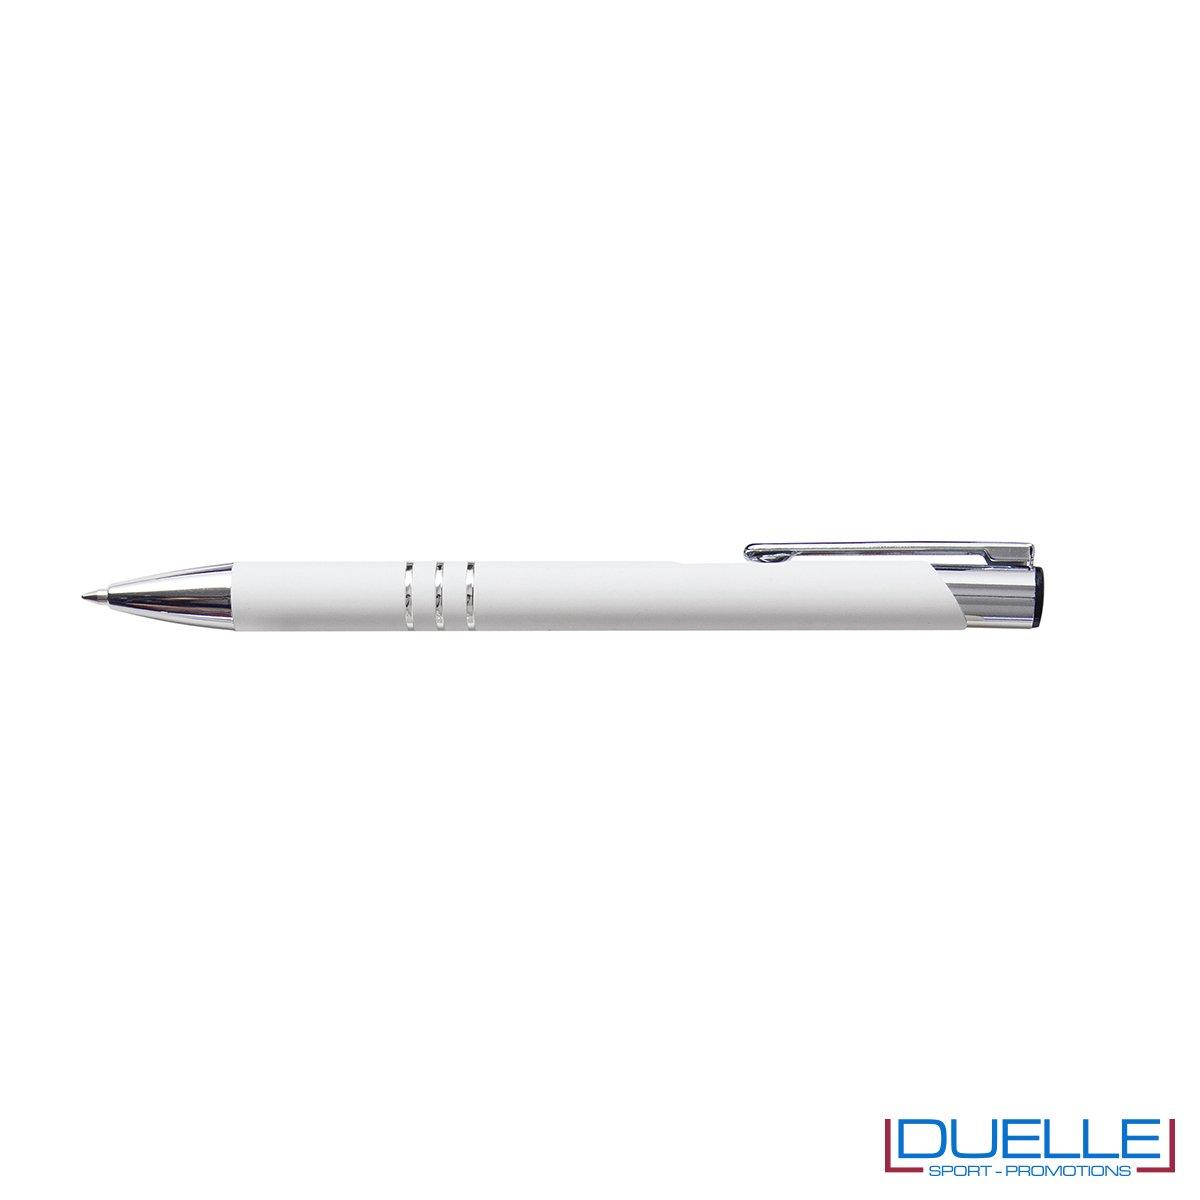 penna personalizzabile in metallo con finitura soft touch bianca, penne personalizzate promozionali soft touch bianco